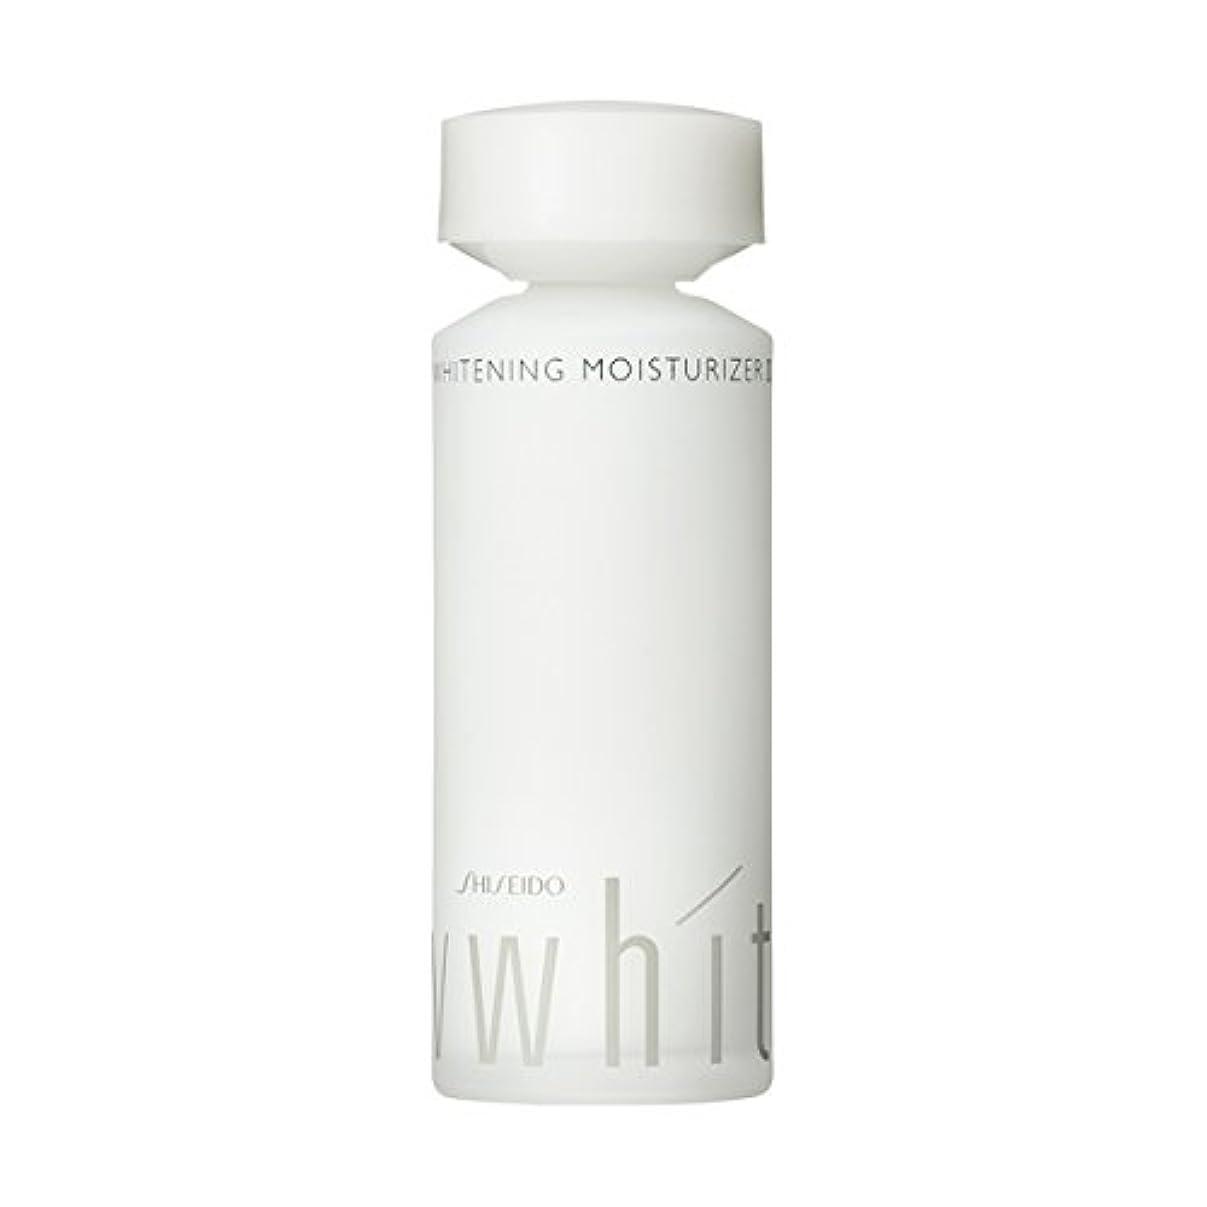 いたずらな砂利助けになるUVホワイト ホワイトニング モイスチャーライザー 2 100mL 【医薬部外品】